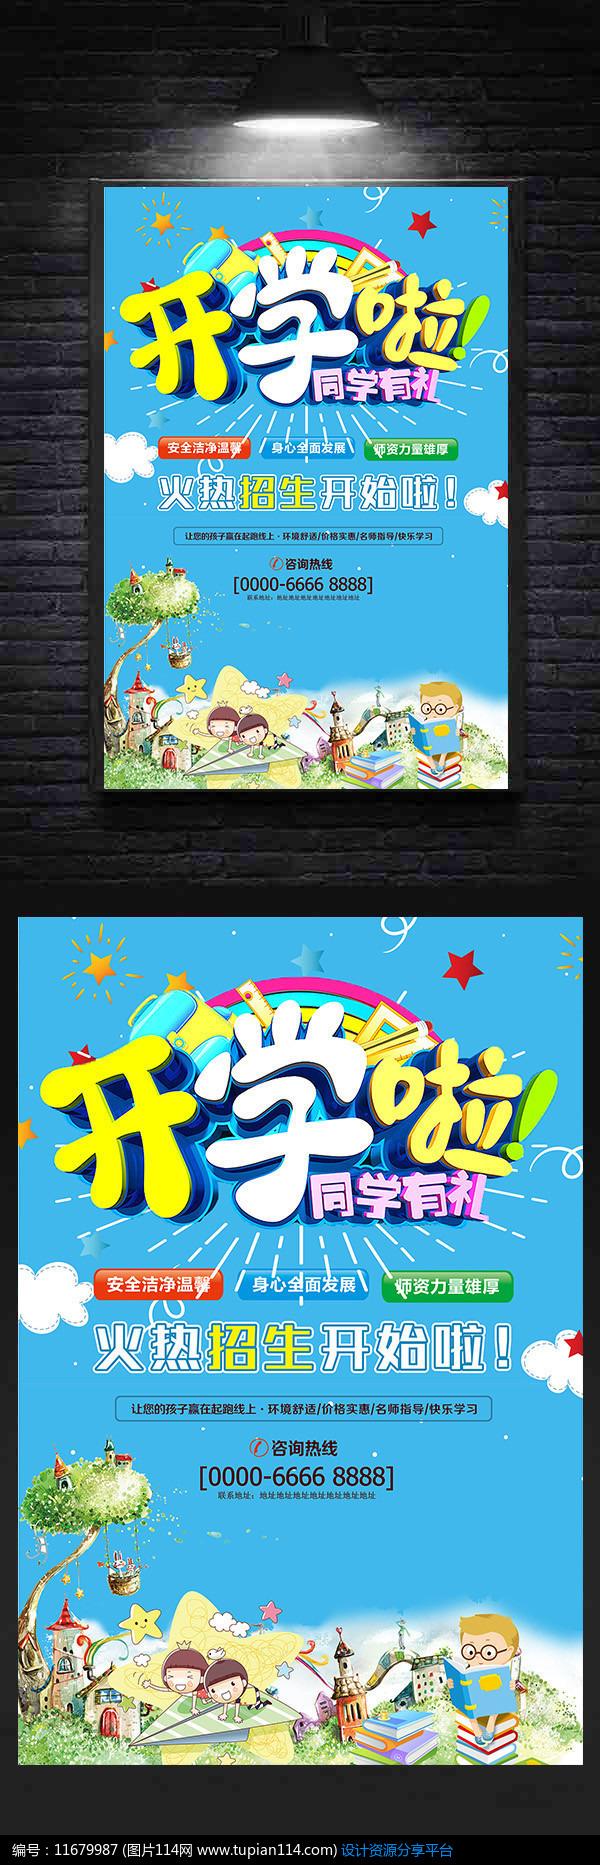 [原创] 幼儿园新学期火热招生宣传海报